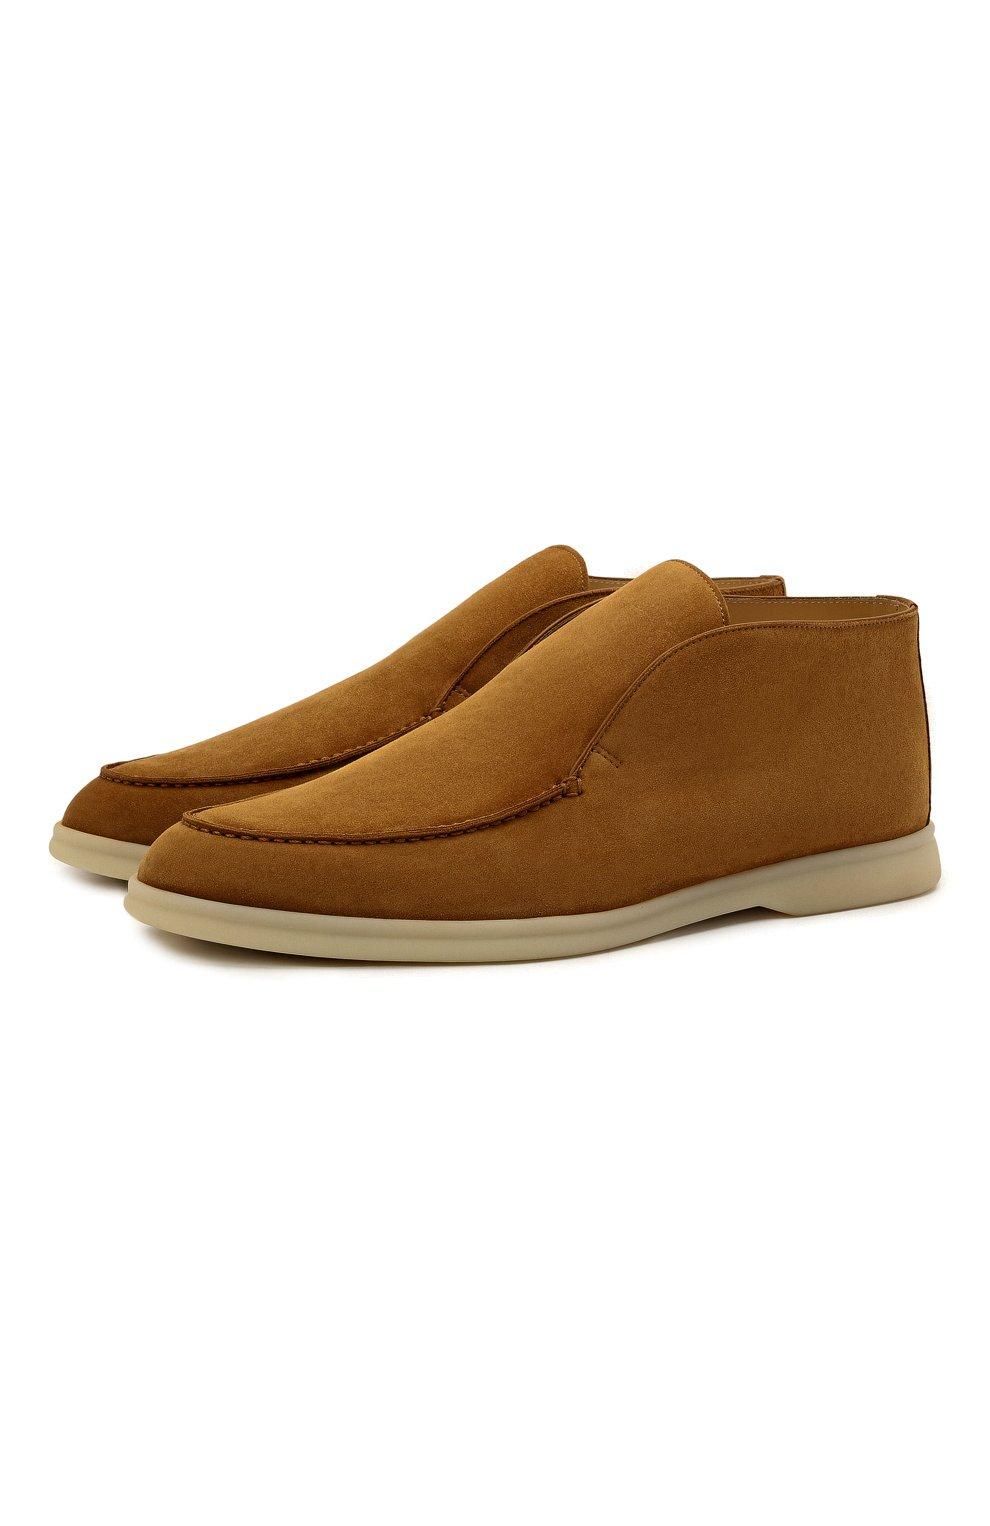 Мужские замшевые ботинки open walk LORO PIANA светло-коричневого цвета, арт. FAB4368 | Фото 1 (Мужское Кросс-КТ: Ботинки-обувь; Материал внутренний: Натуральная кожа; Подошва: Плоская; Материал внешний: Замша)